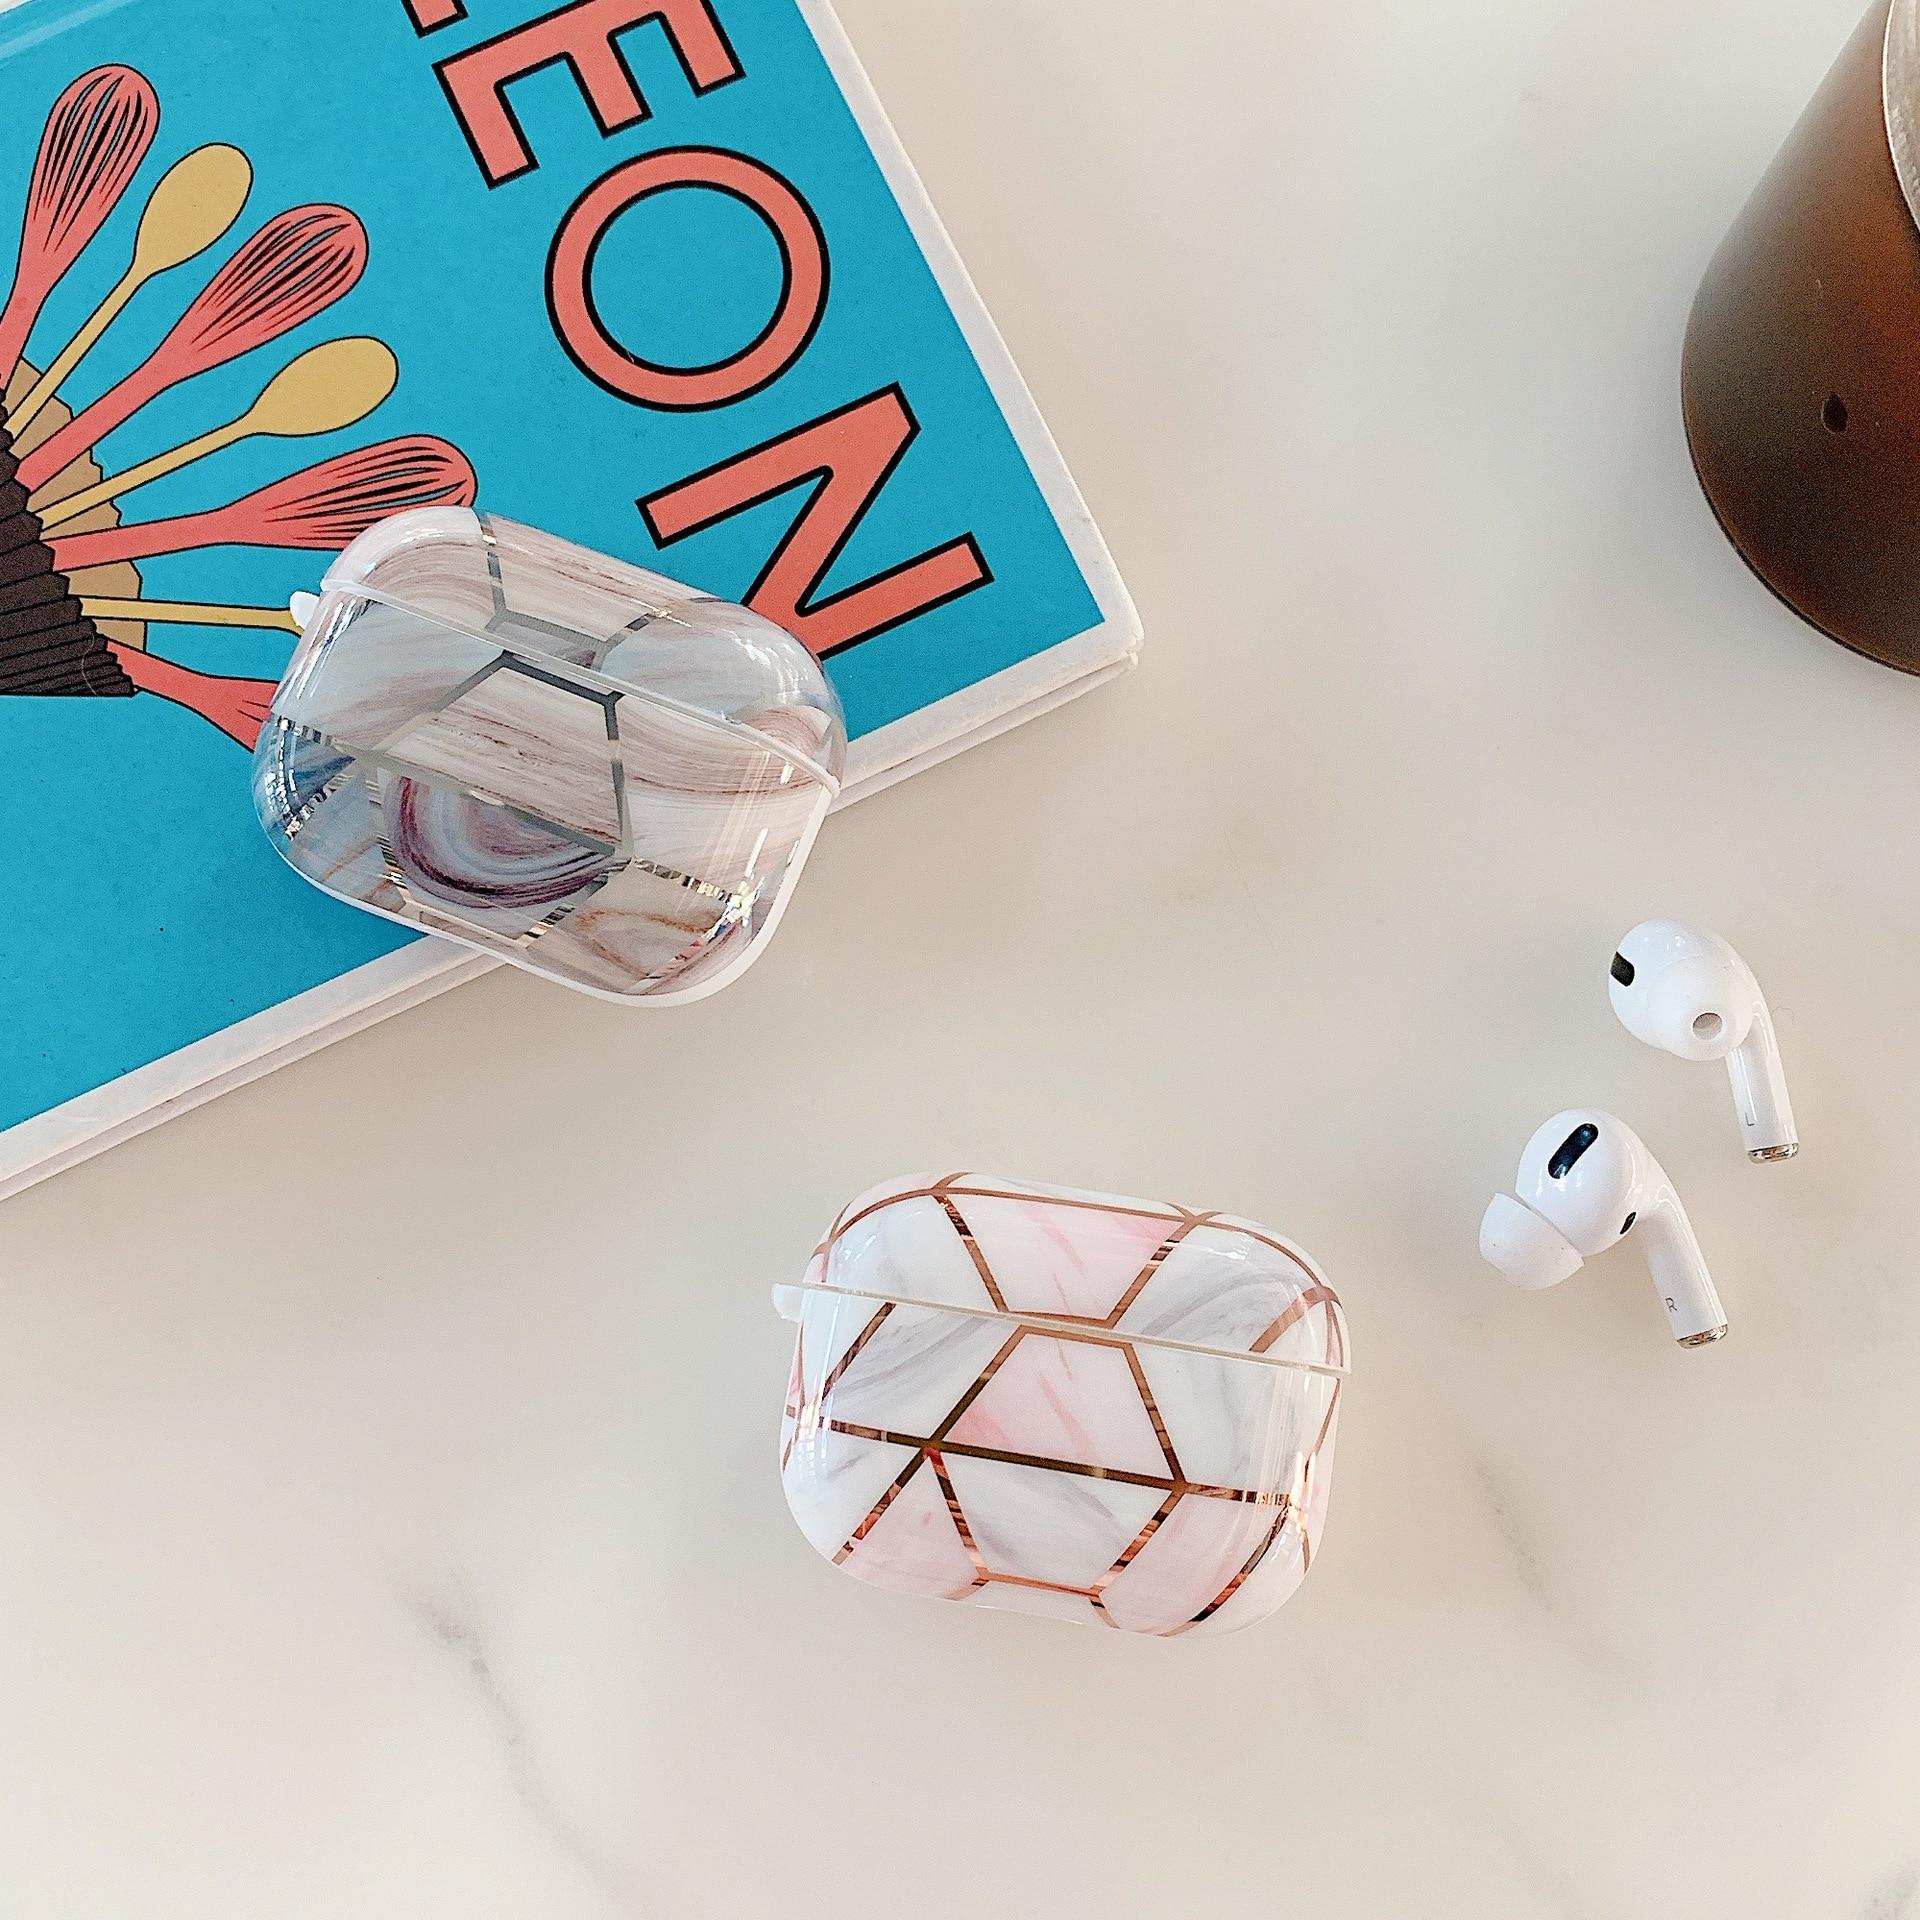 Galvanizado mármore retro caso do fone de ouvido para airpods pro silicone capa sem fio bluetooth para airpods 3 caso